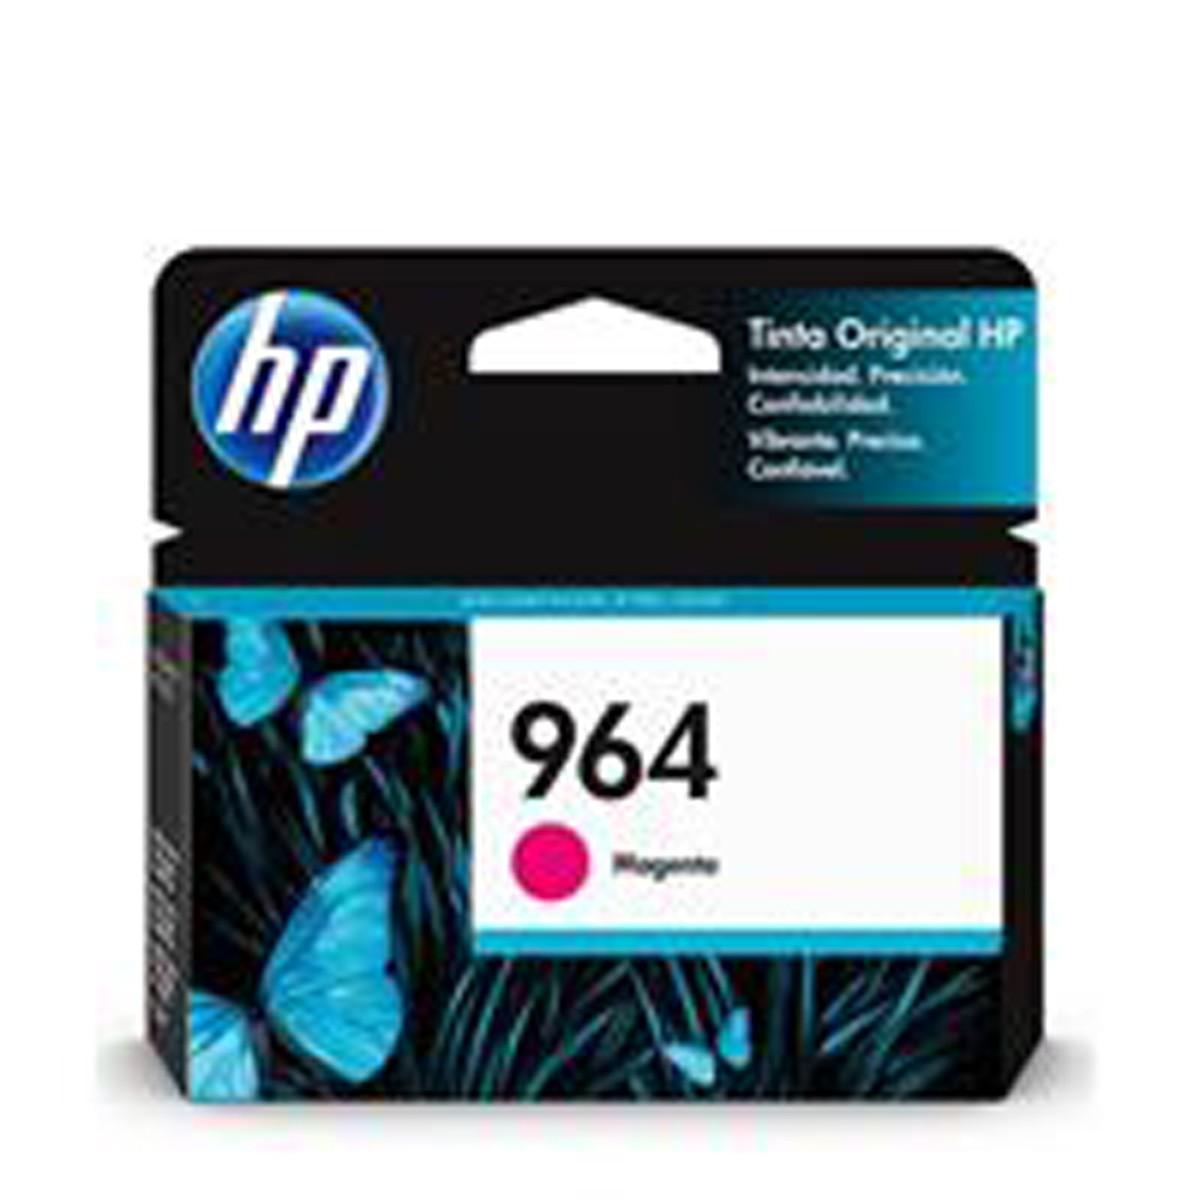 CARTUCHO HP OFFICEJET 964 MAGENTA 3JA51AL